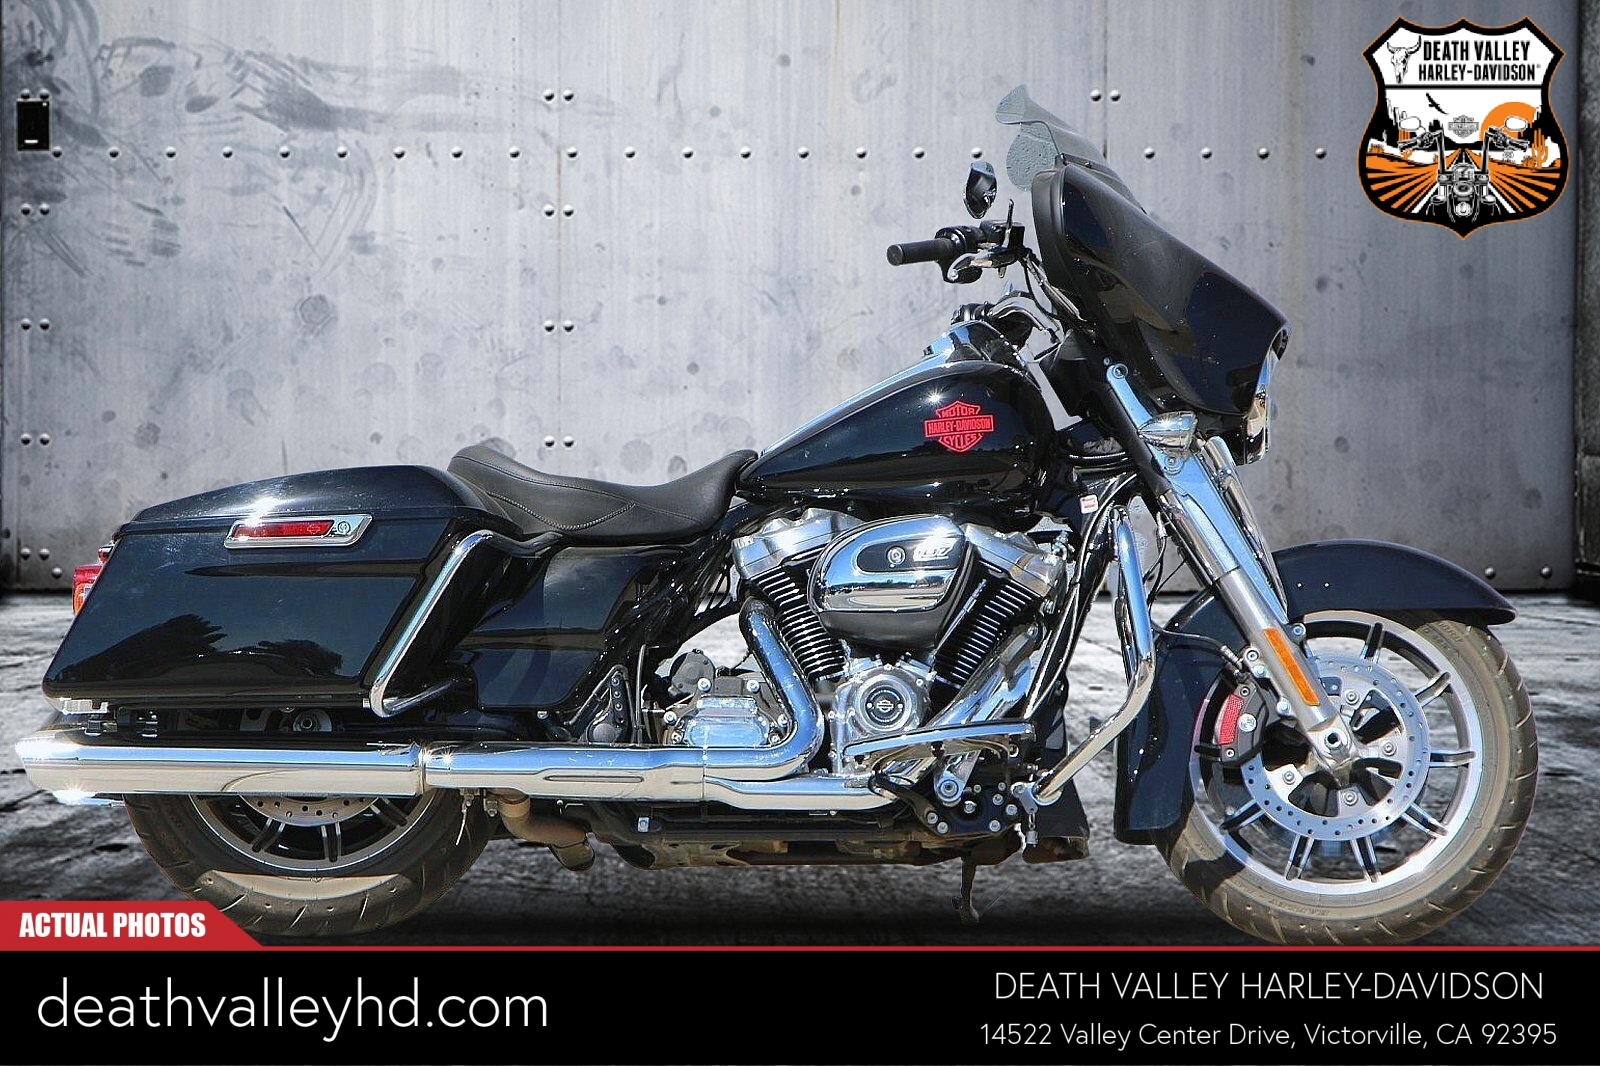 2020 Harley-Davidson Electra Glide Standard [1]